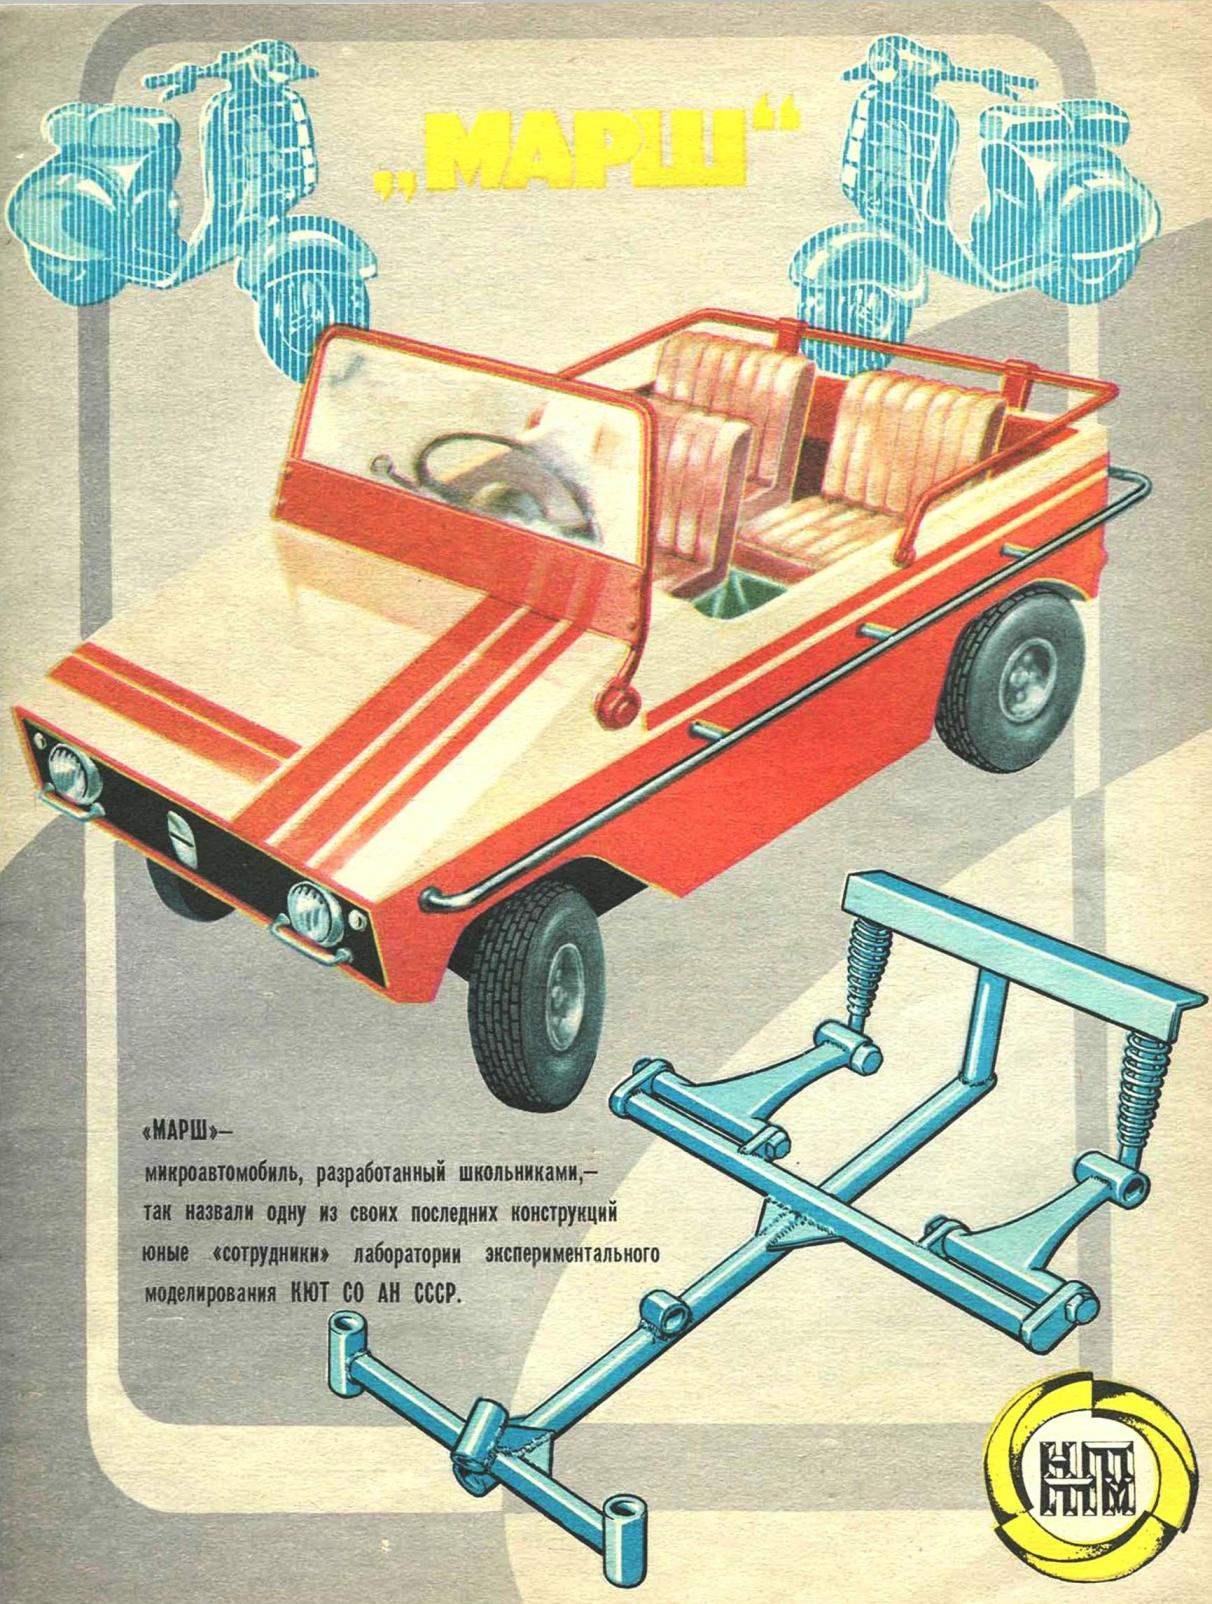 «МАРШ»— микроавтомобиль, разработанный школьниками,— так назвали одну из своих последних конструкций юные «сотрудники» лаборатории экспериментального моделирования КЮТ СО АН СССР.